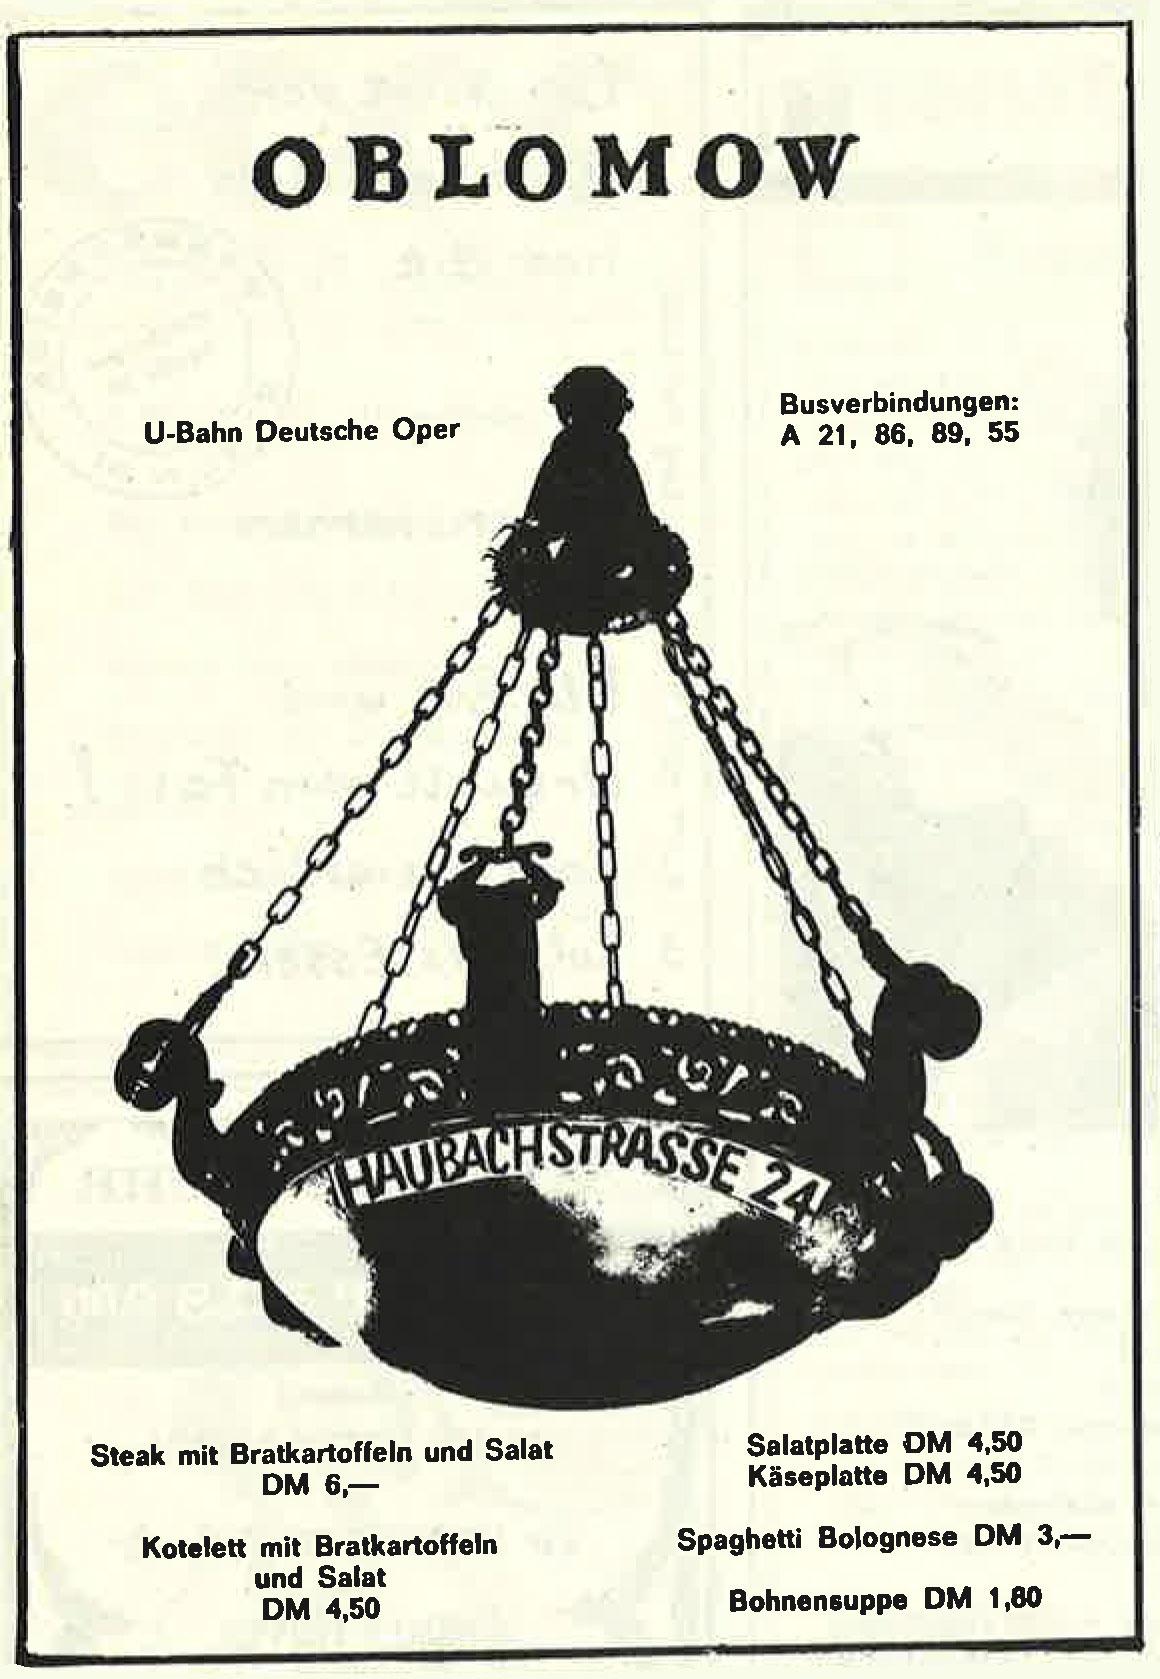 Alte Werbeanzeige des Berliner Restaurants Oblomow. Foto: Archiv tipBerlin